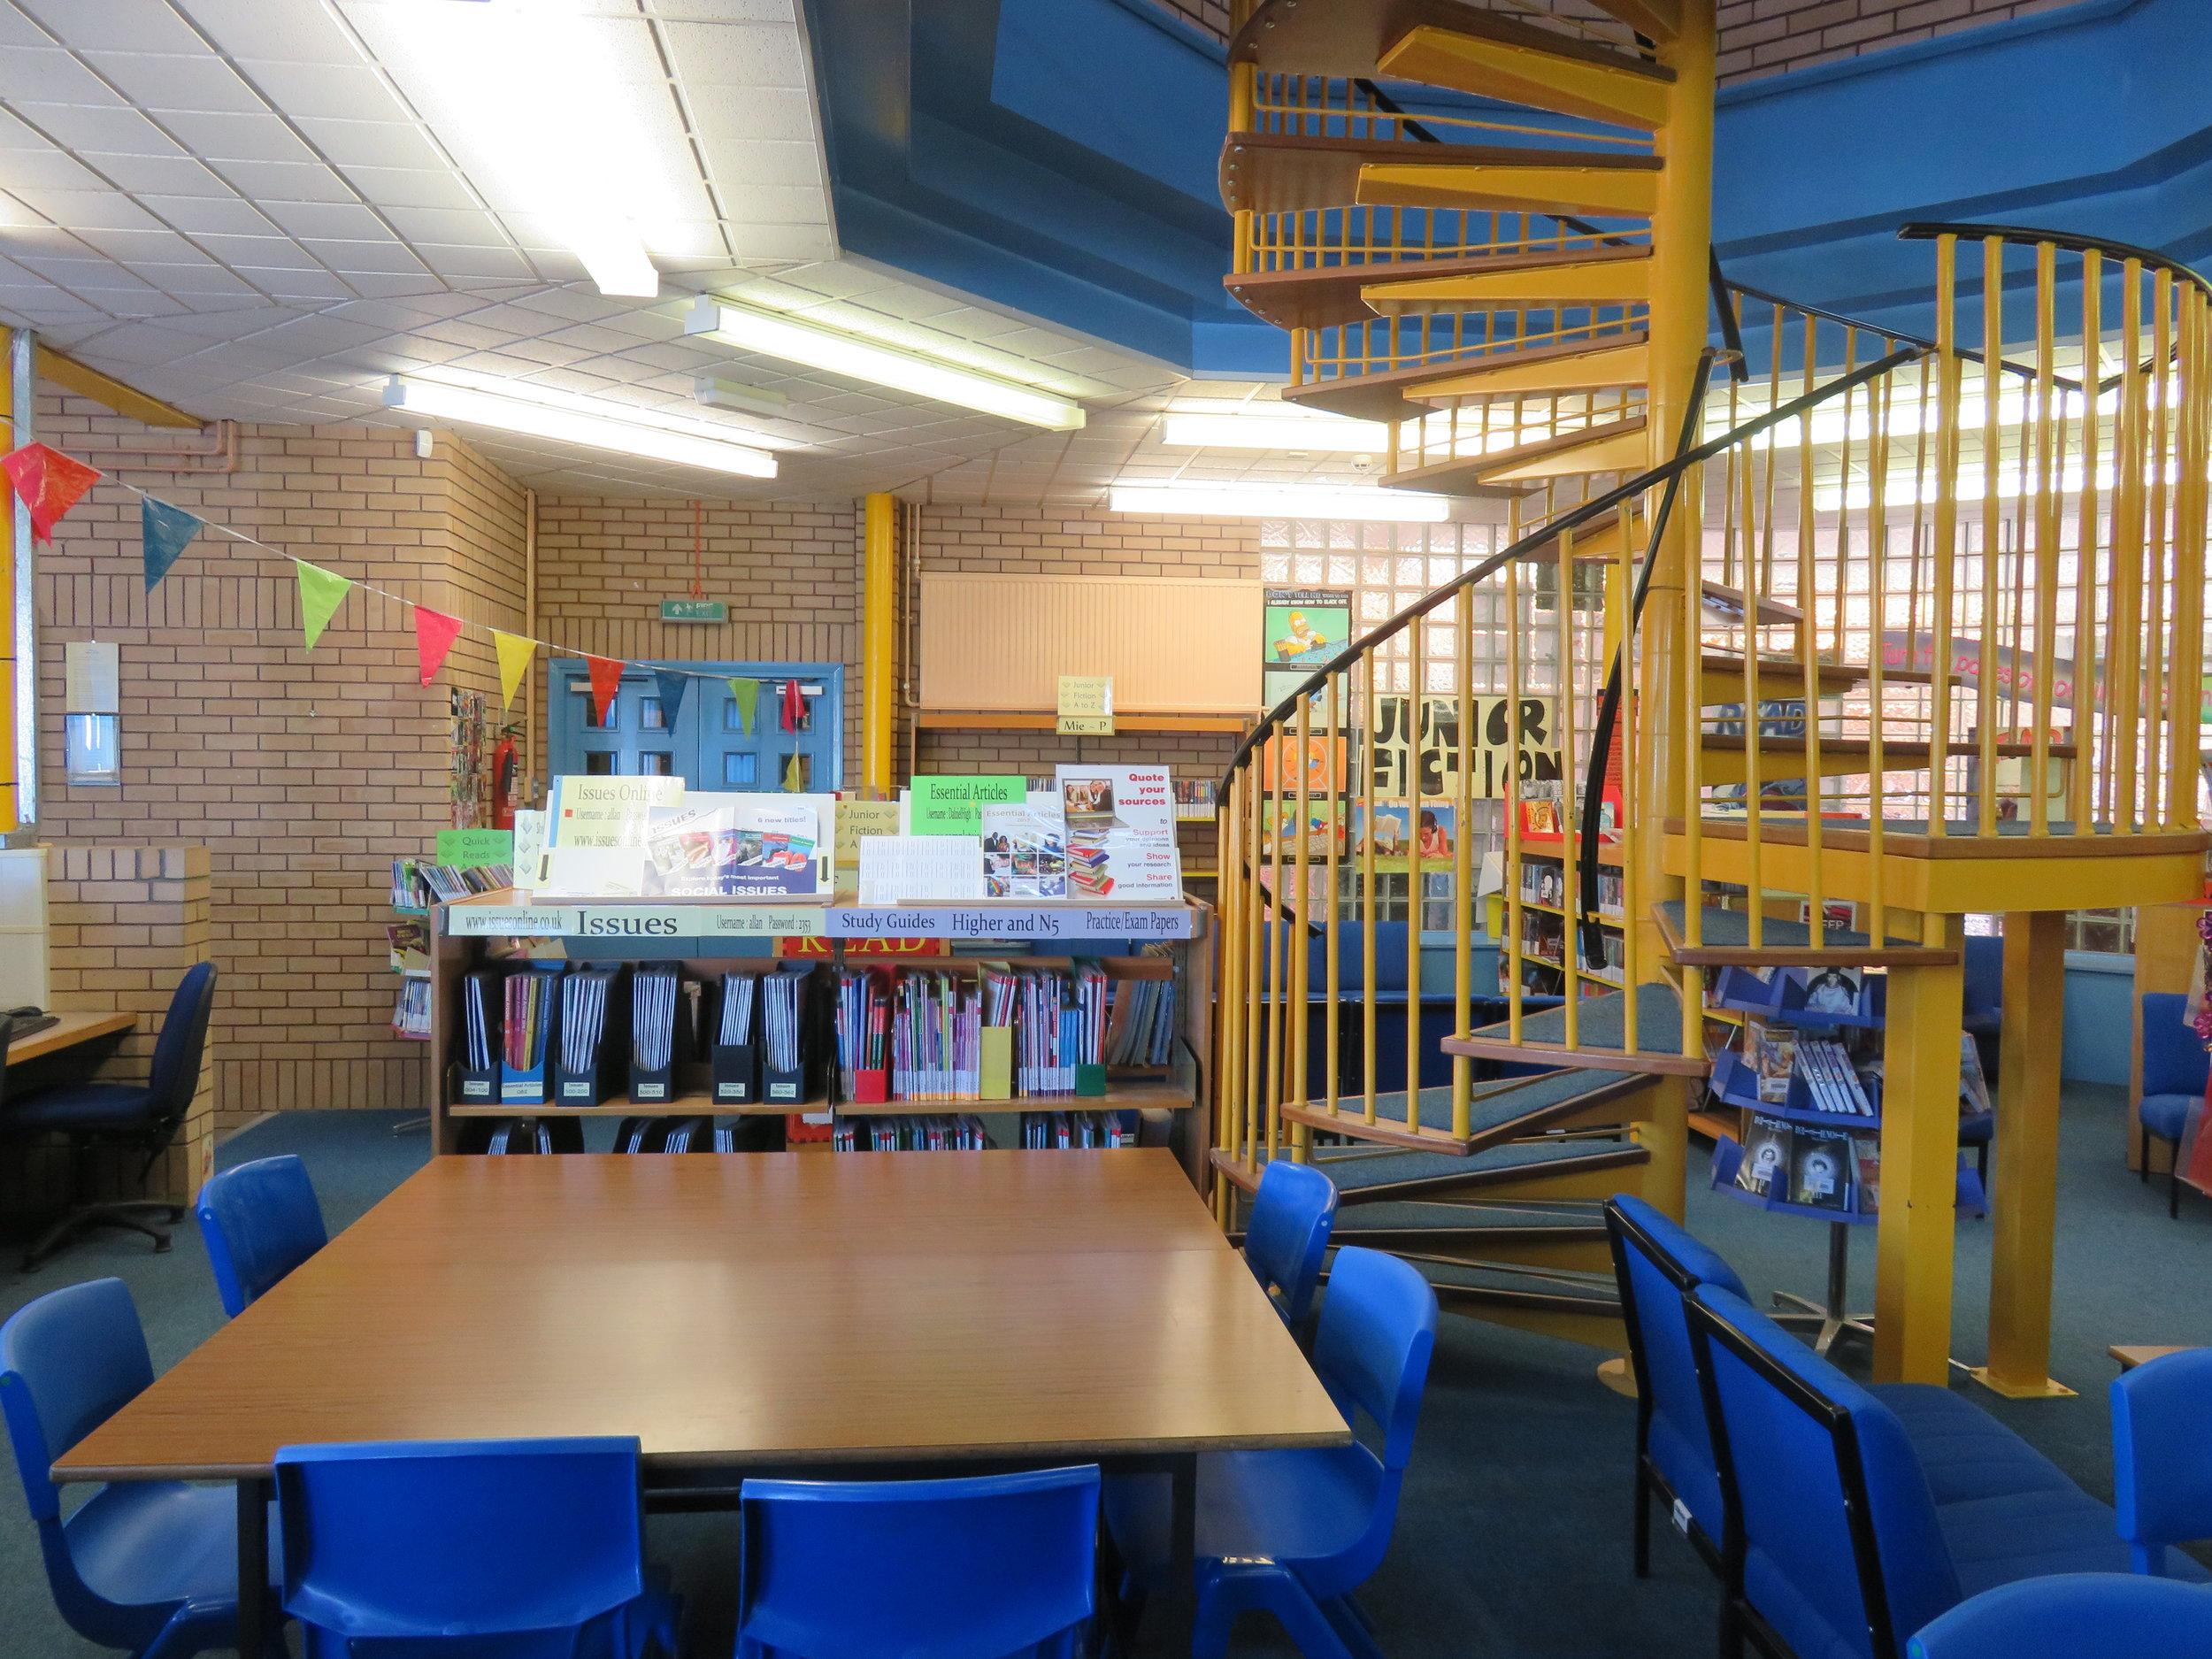 Dalziel High School library